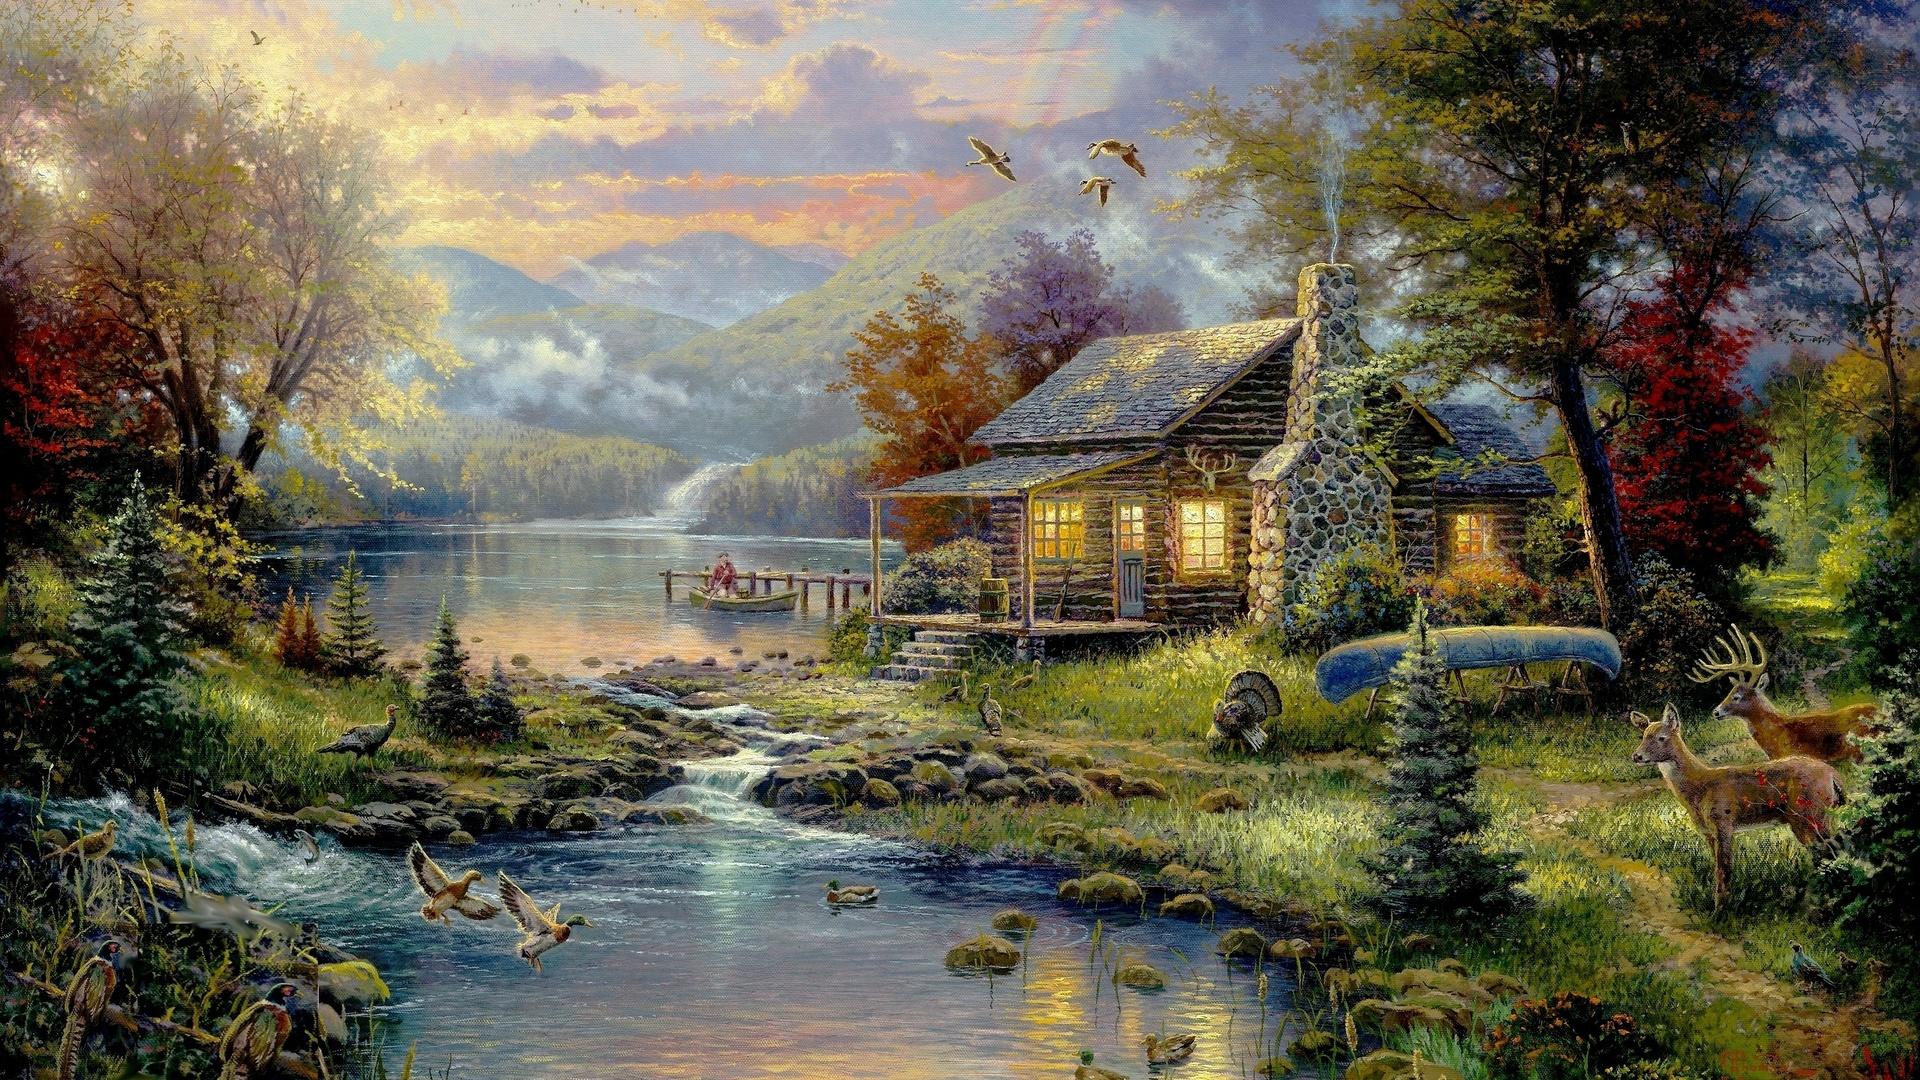 случайно красивые картинки с изображением пейзажа гостиница